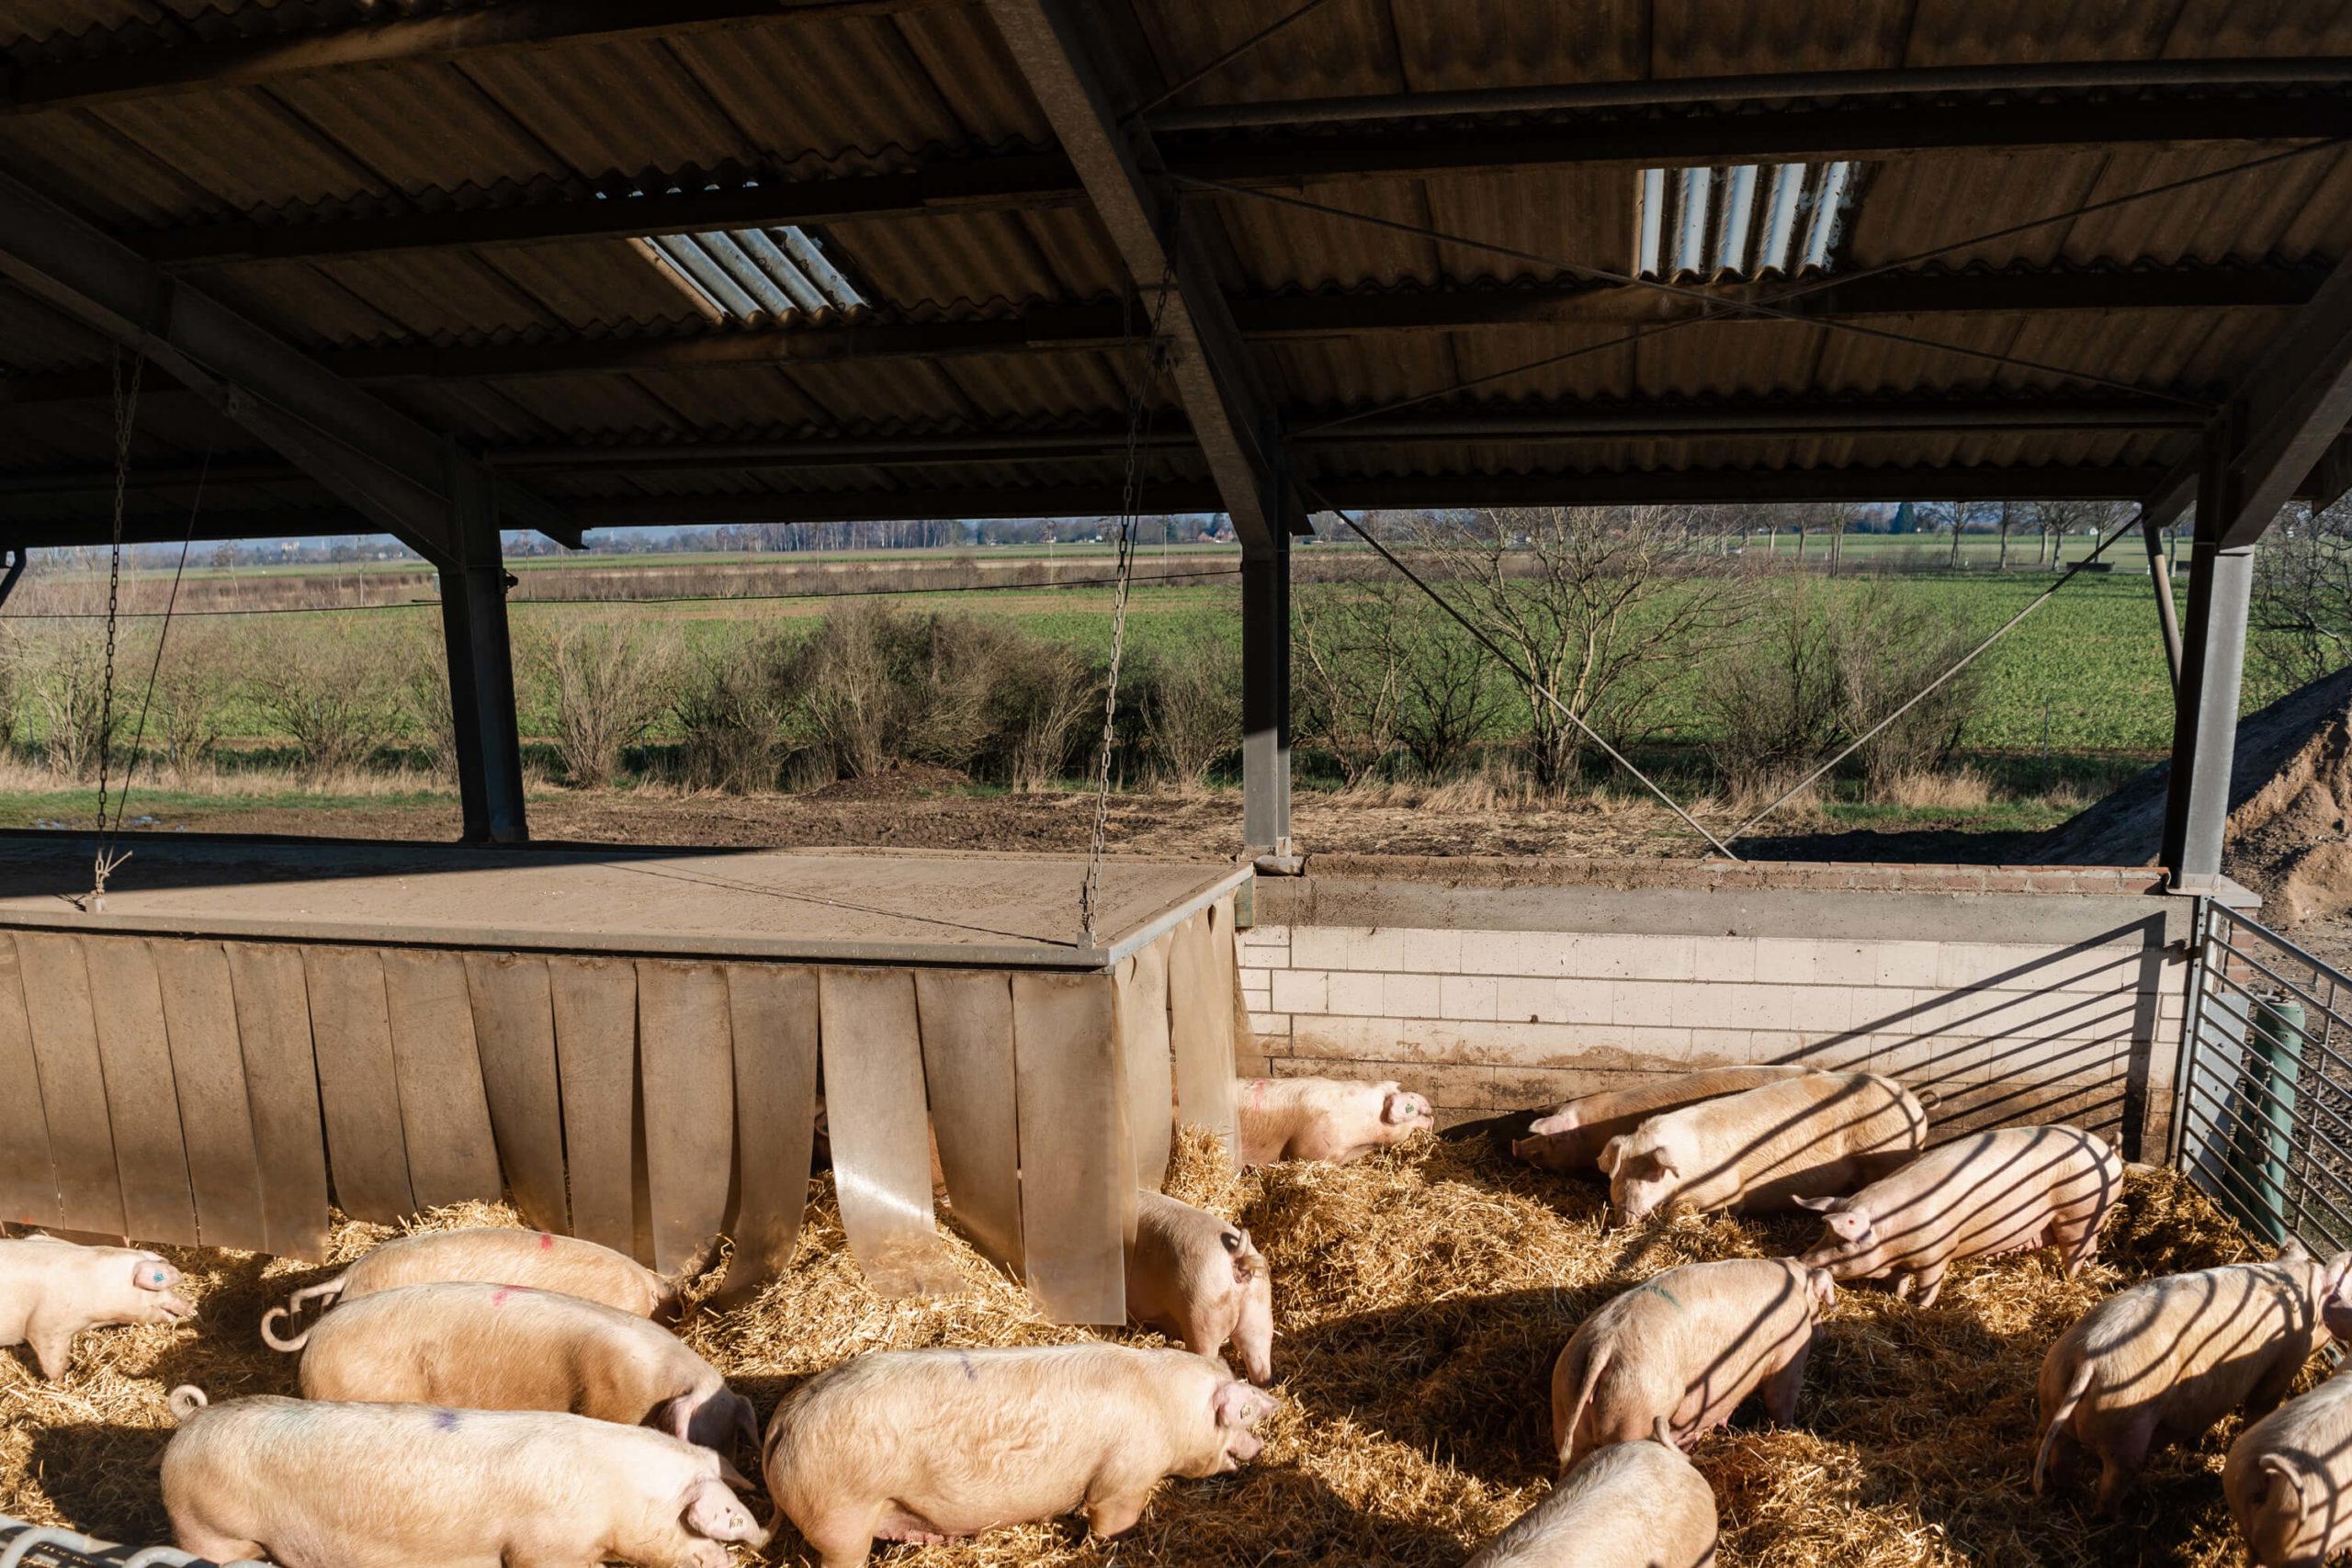 Schweinehaltung auf Stroh | Niederrheiner Strohschwein